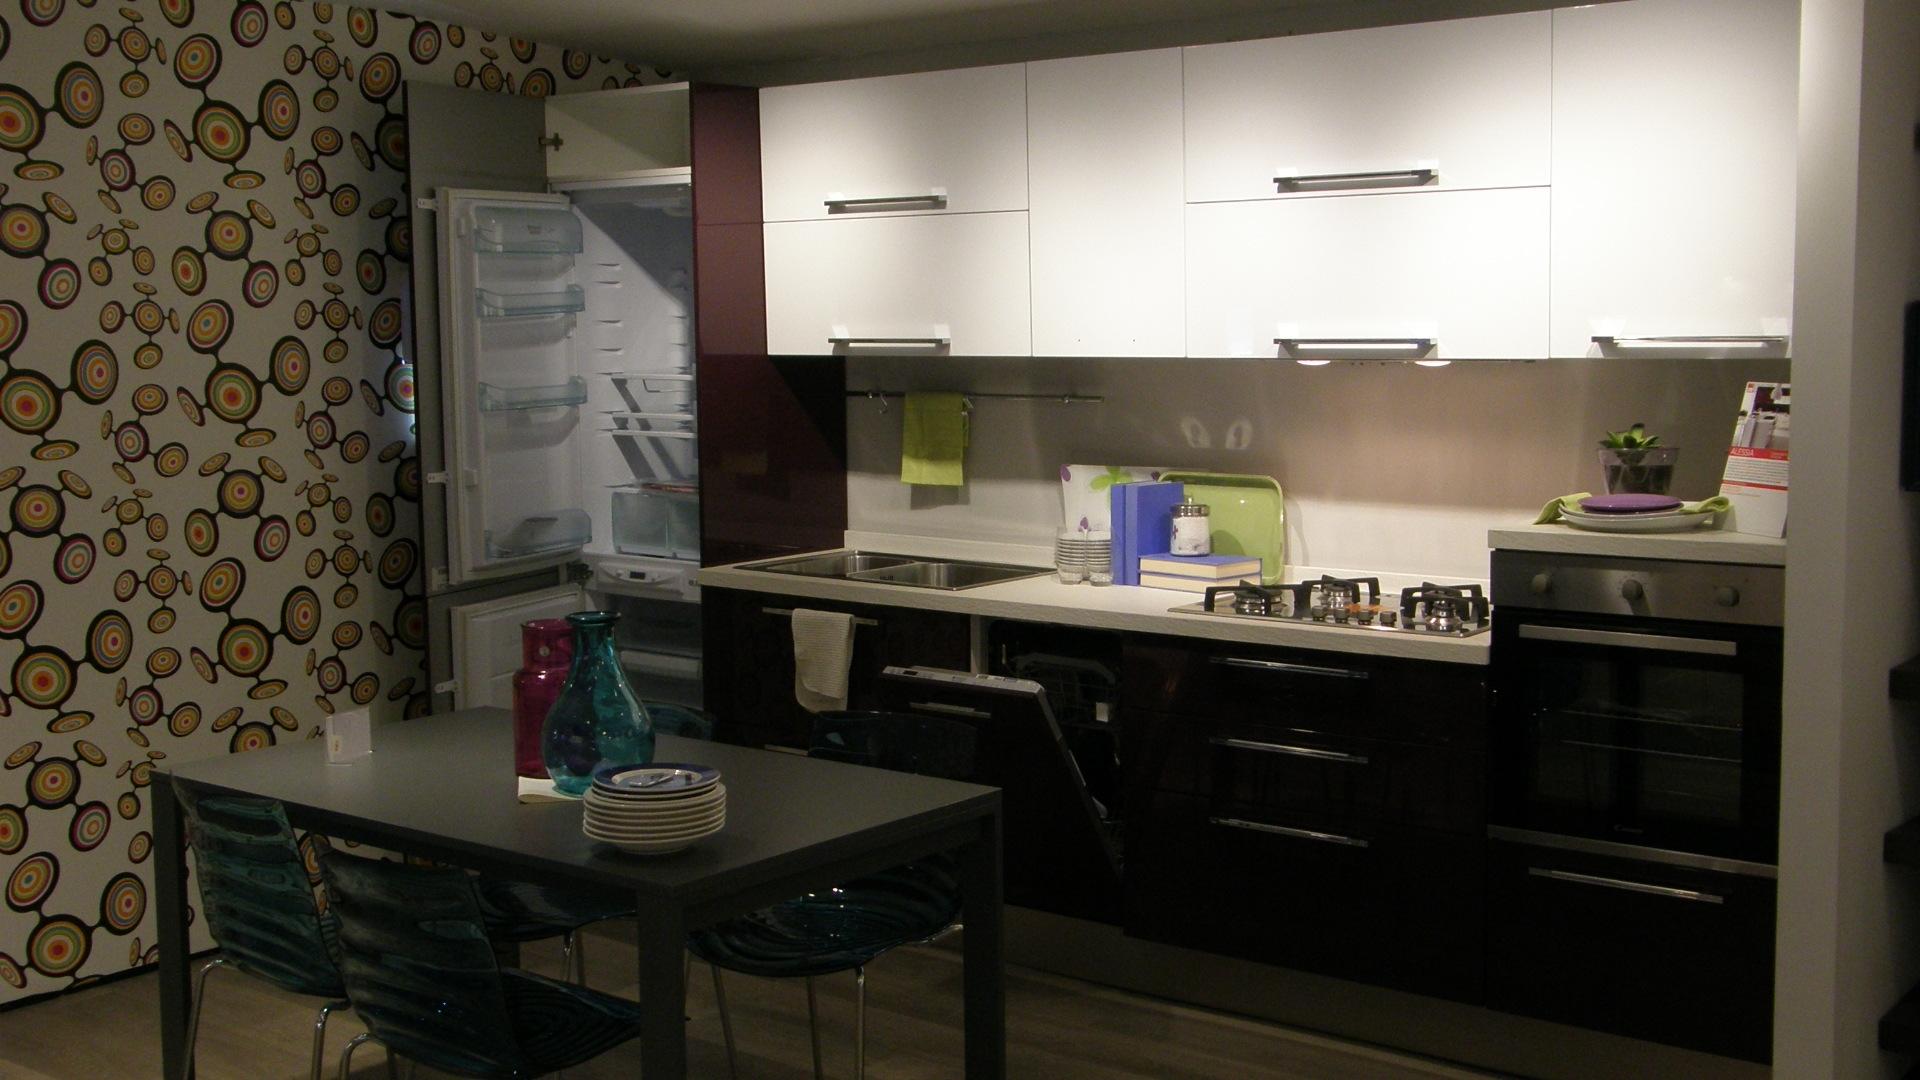 Cucina lube moderna lineare modello alessia scontata del - Cucina lube opinioni ...